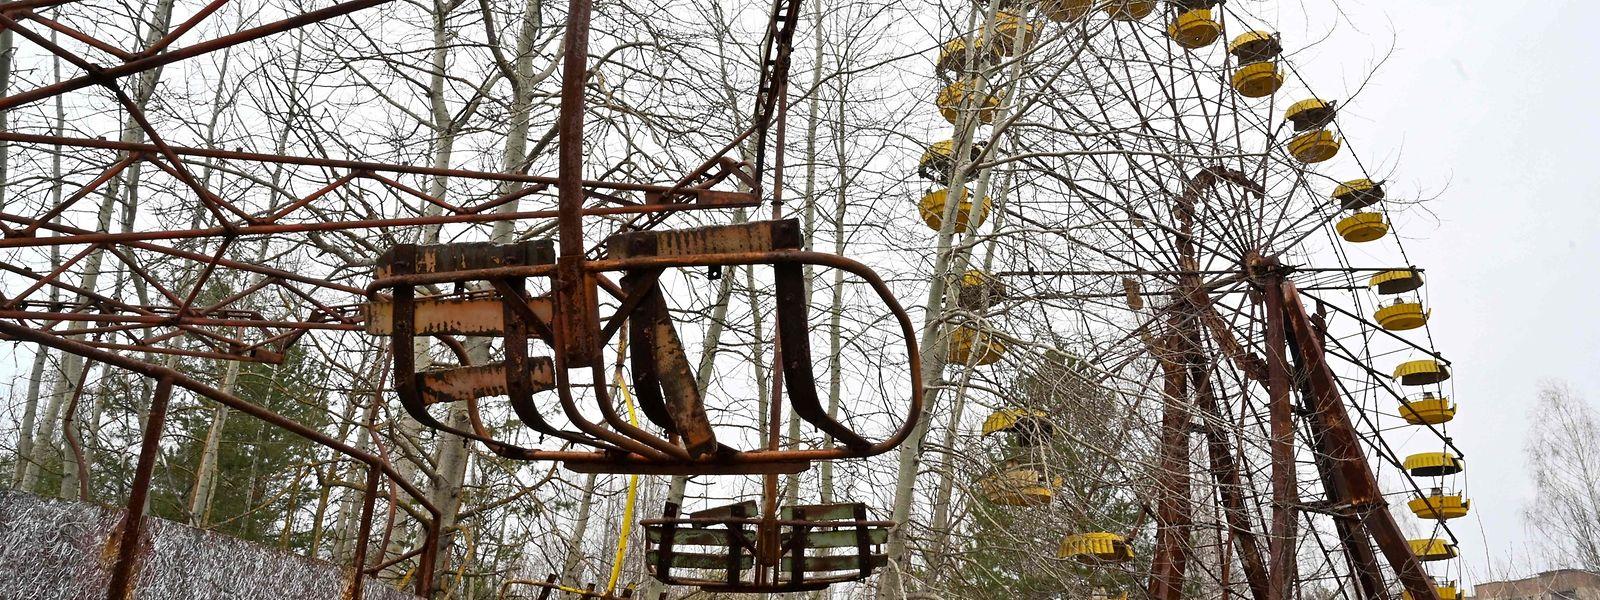 Der verlassene Freizeitpark der Geisterstadt Prypjat.